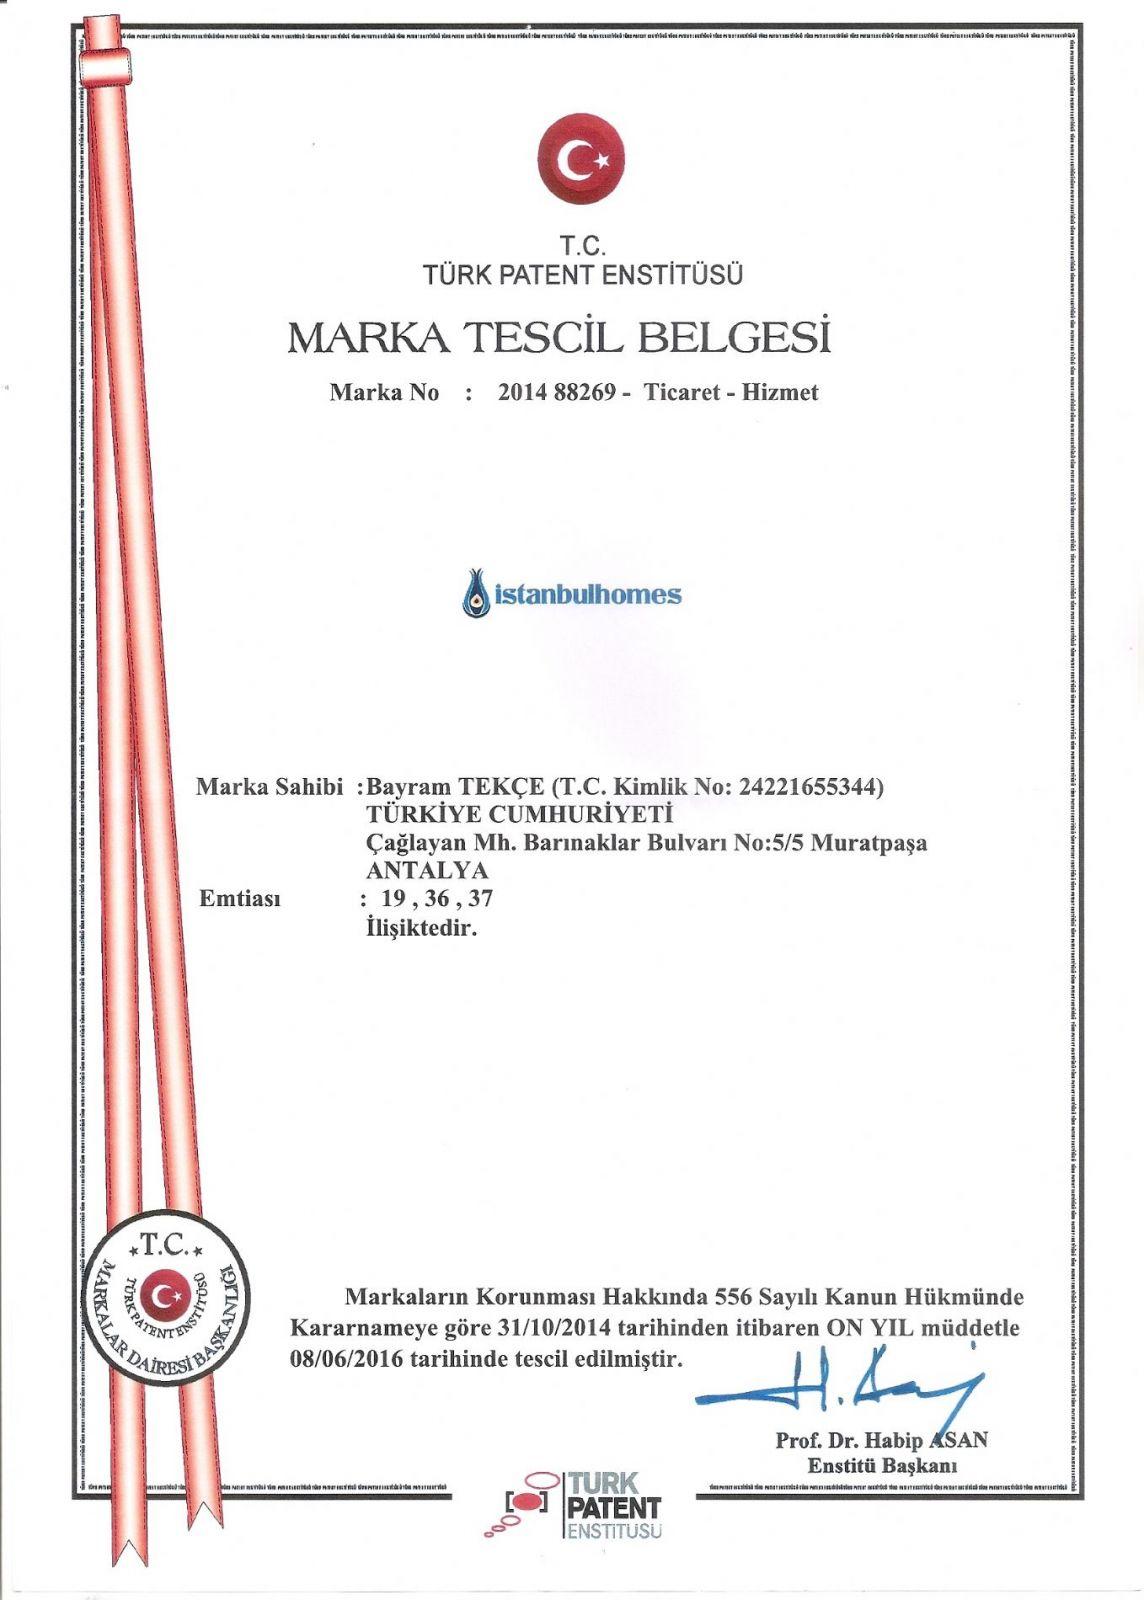 Registre de commerce d'Istanbul Homes